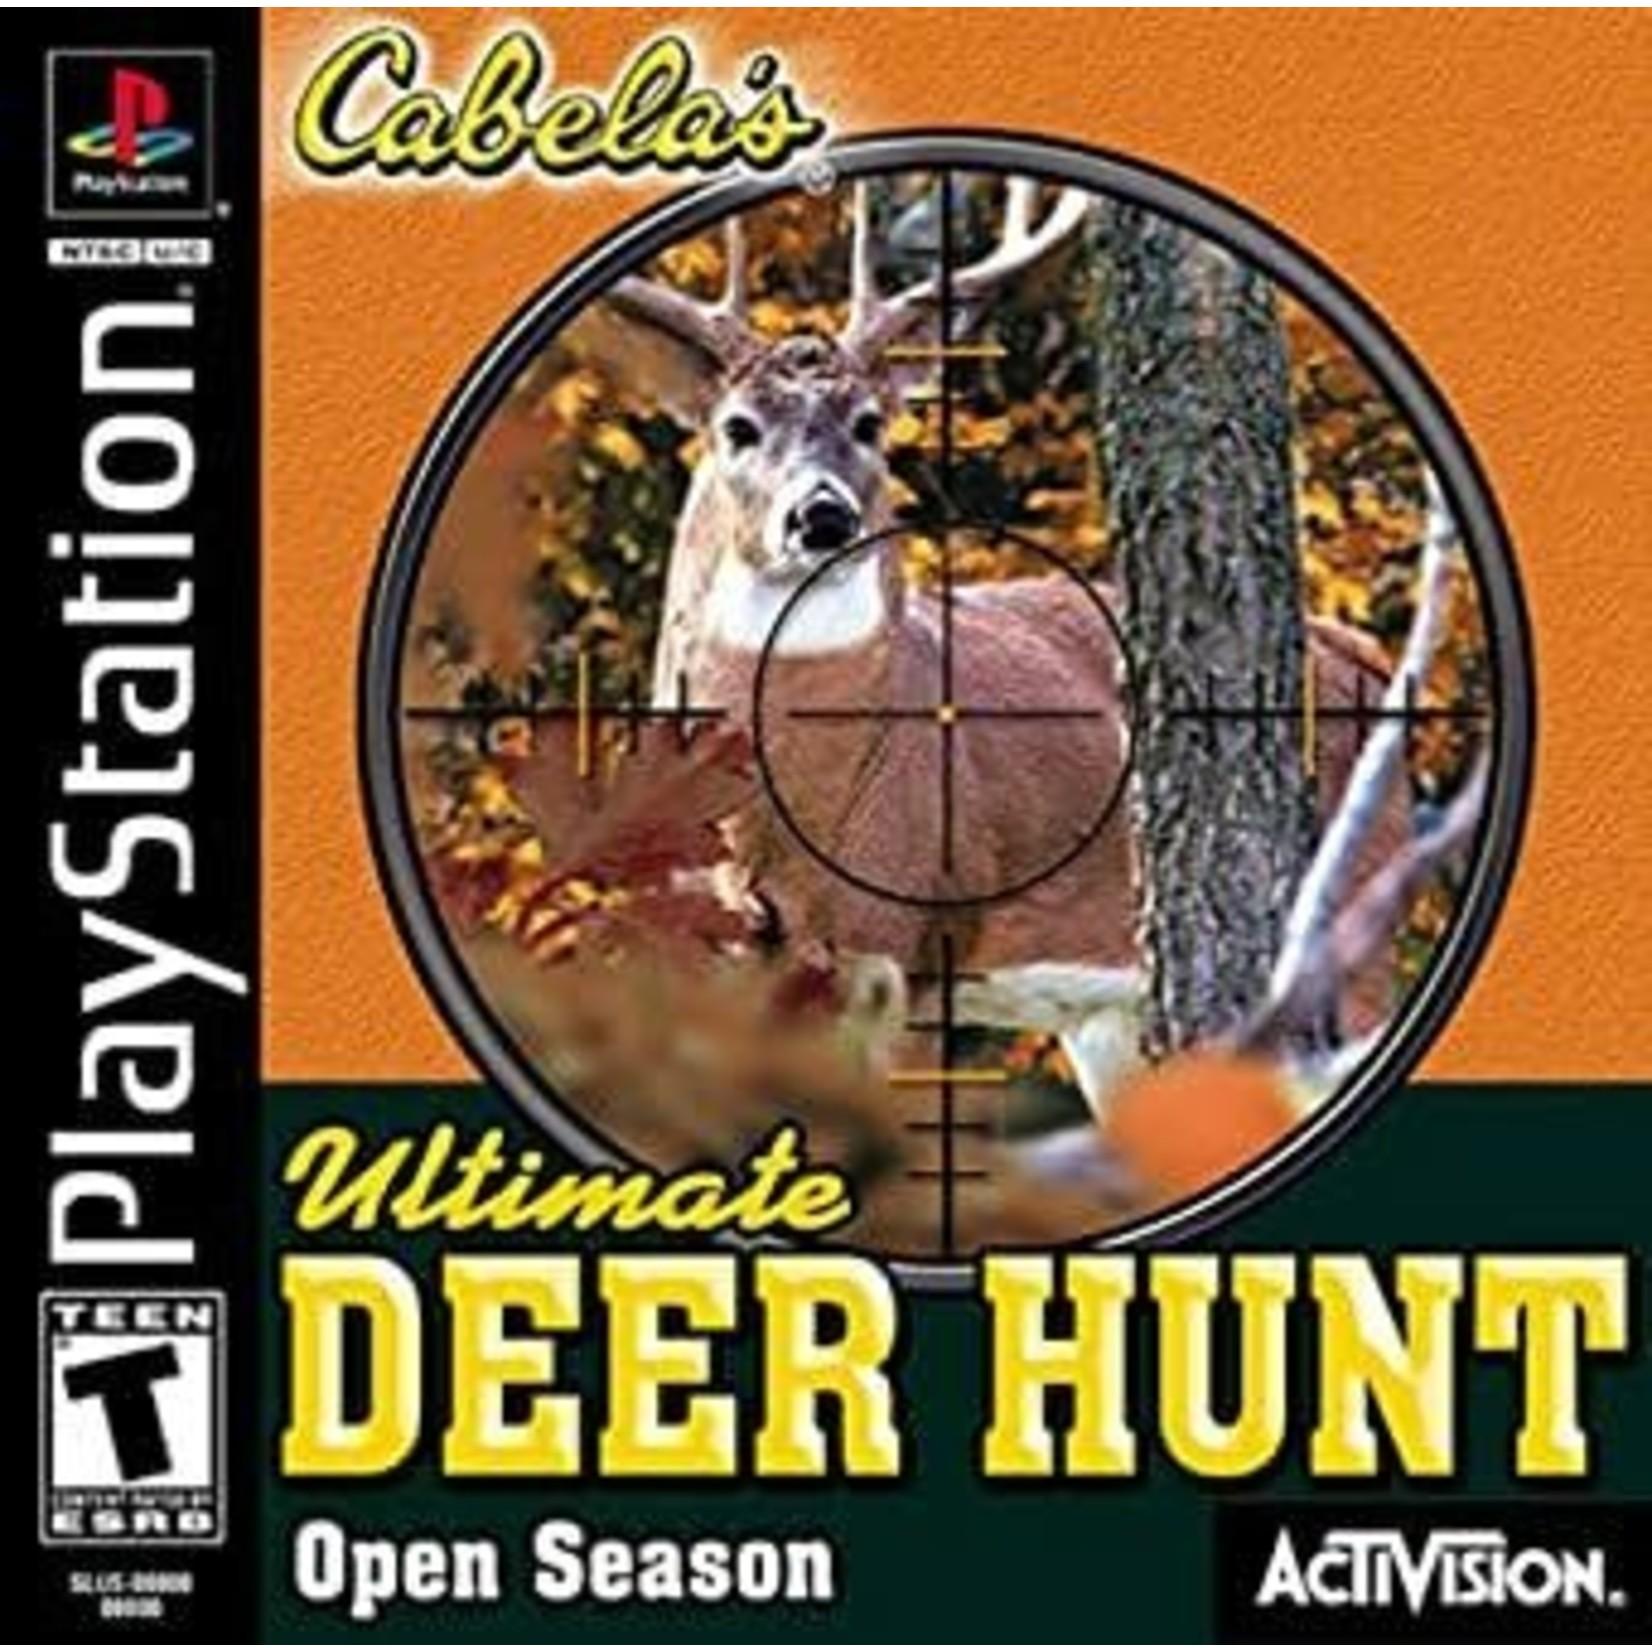 PS1U-Cabela's Ultimate Deer Hunt